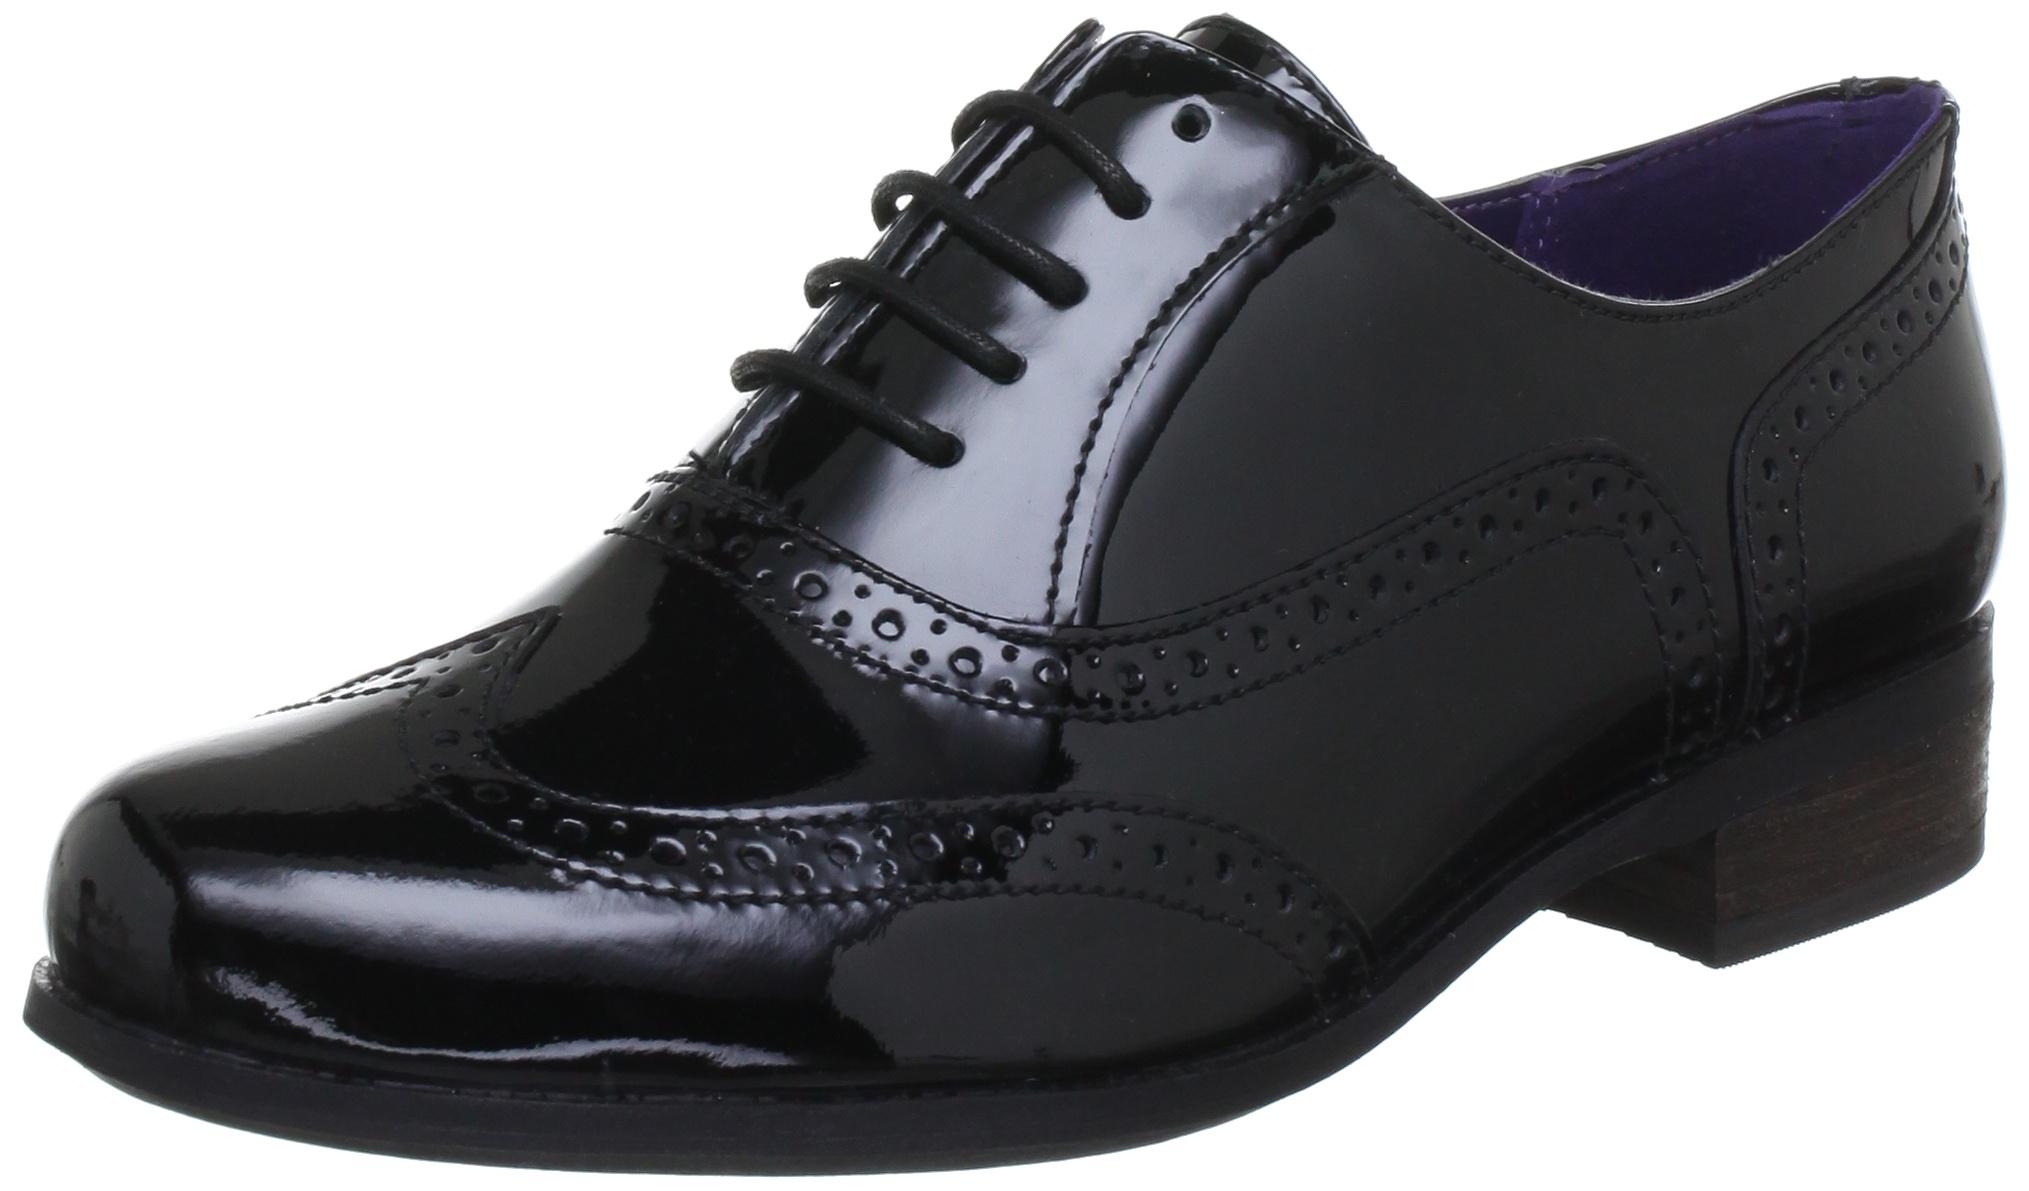 クラークスハンブルオークは、婦人靴ダービーの靴を刻ん